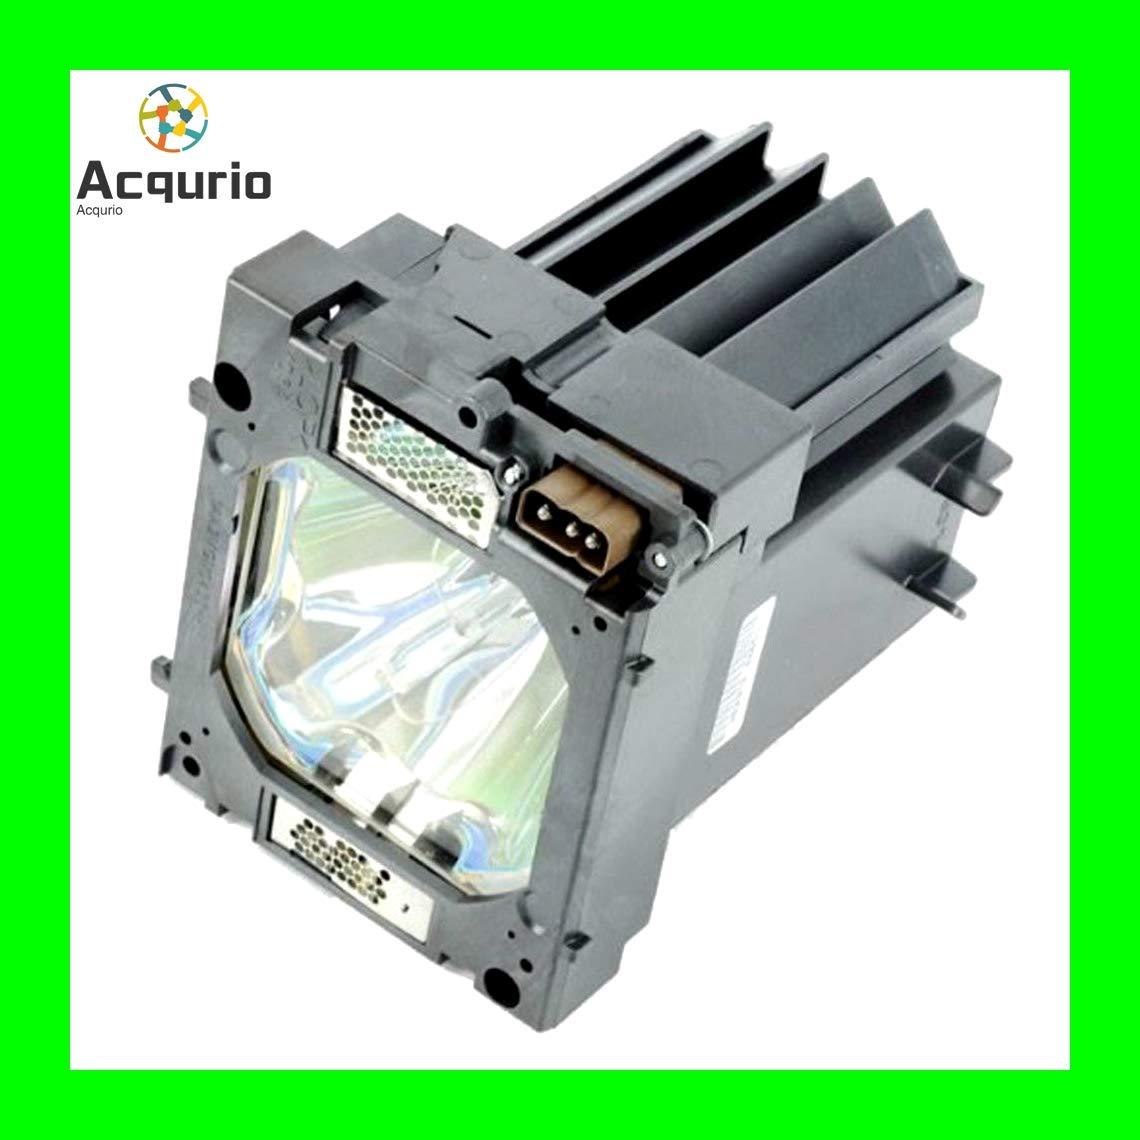 LV-LP29 Lámpara para Canon LV-7585 LV-7590 Lámpara de ...